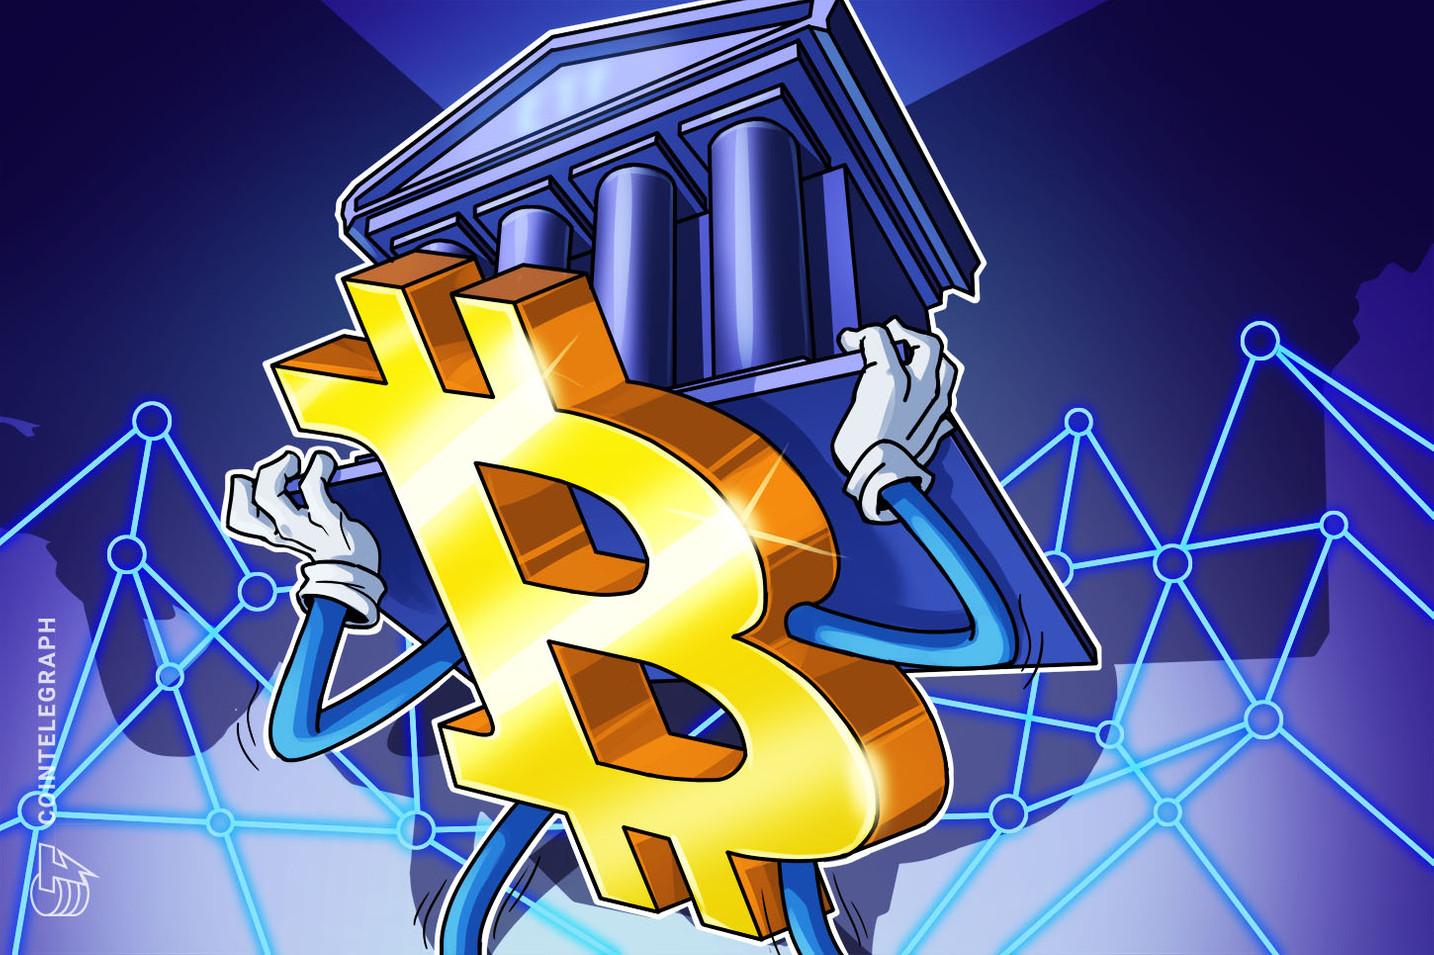 La simple existencia de Bitcoin tiene un impacto positivo en la política monetaria: Investigación